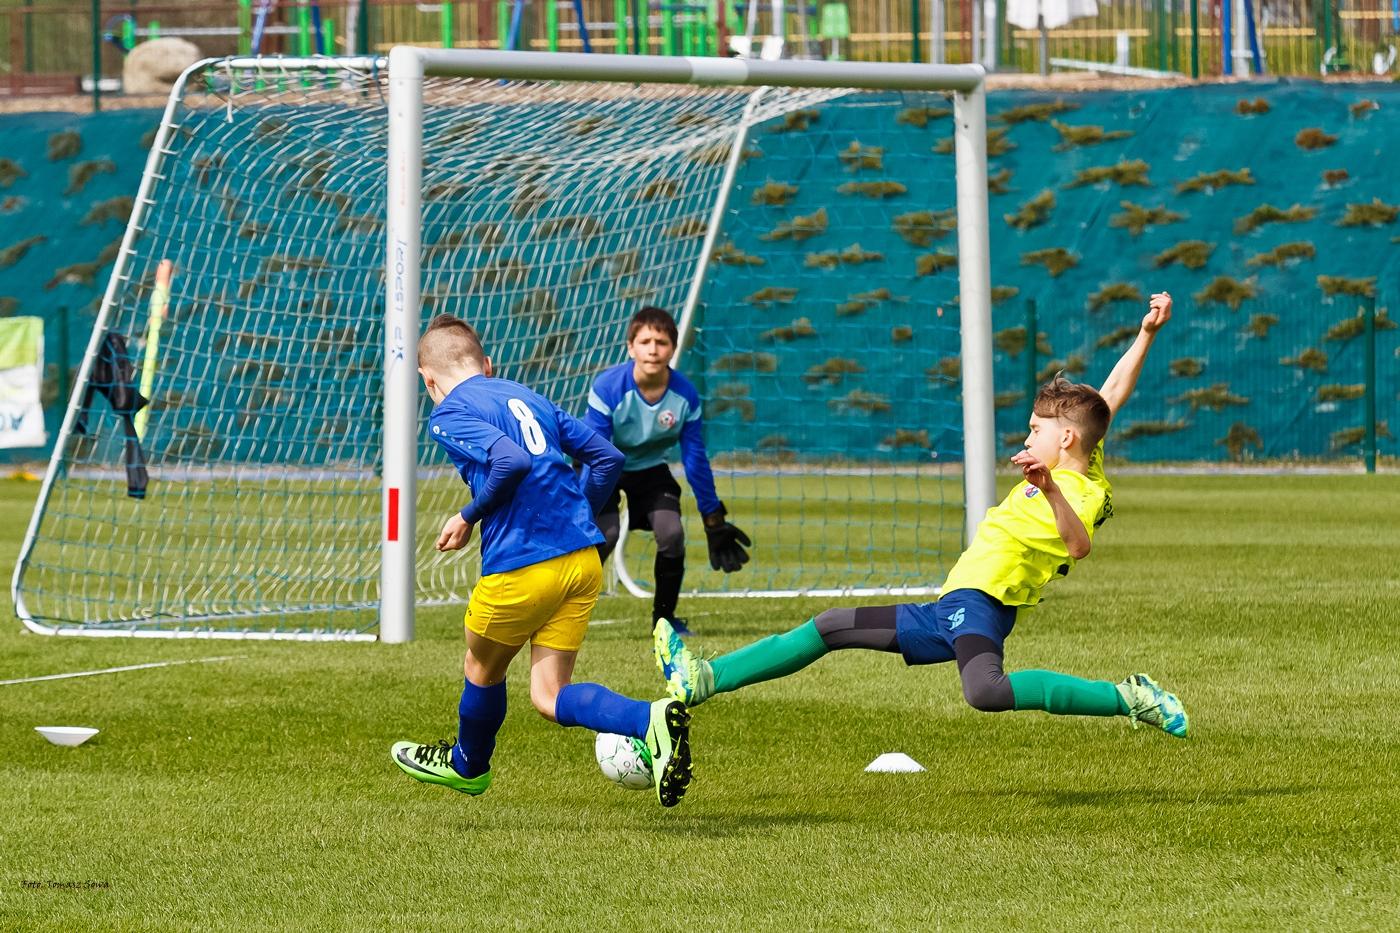 Turniej kadr Okręgów i Podokręgów o Puchar Prezesa Podkarpackiego Związku Piłki Nożnej [ZDJĘCIA] - Zdjęcie główne